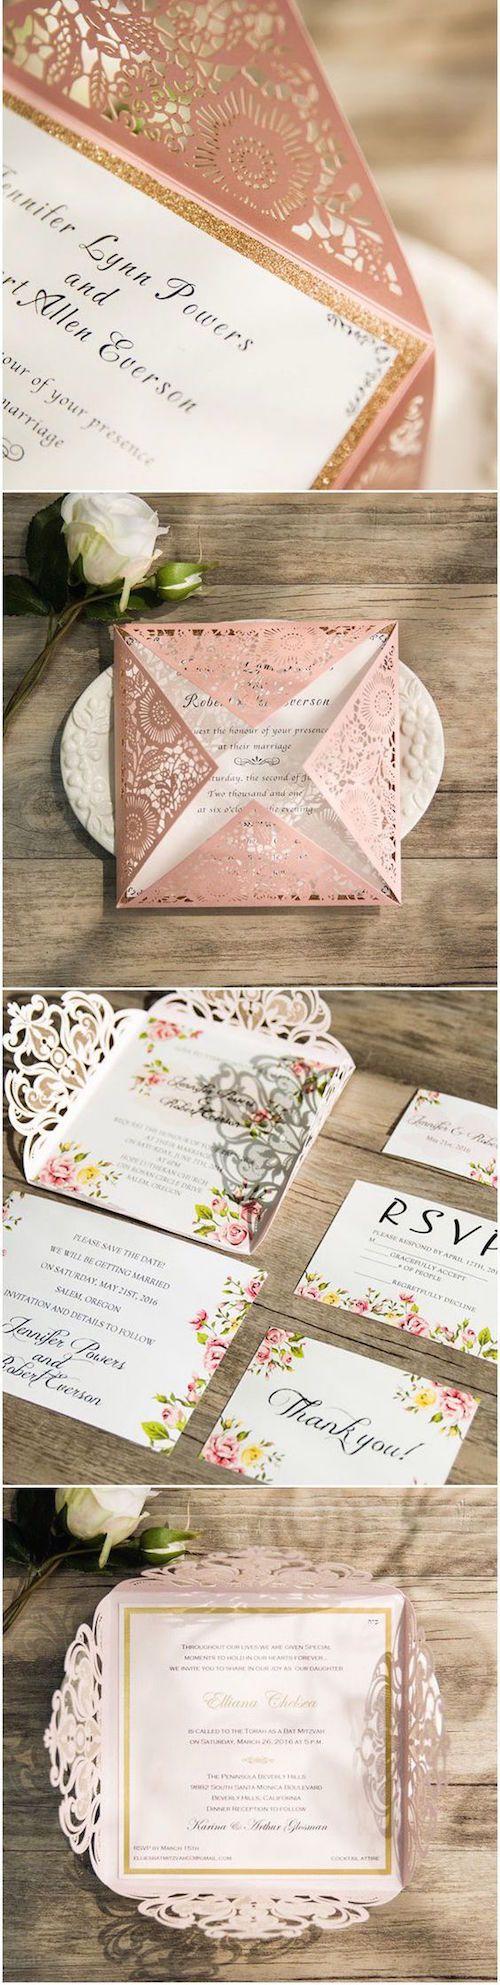 Las invitaciones cuadradas en blush con corte láser son tan románticas ¡que es difícil escoger entre ellas! (BYWWS001) Y son súper económicas!